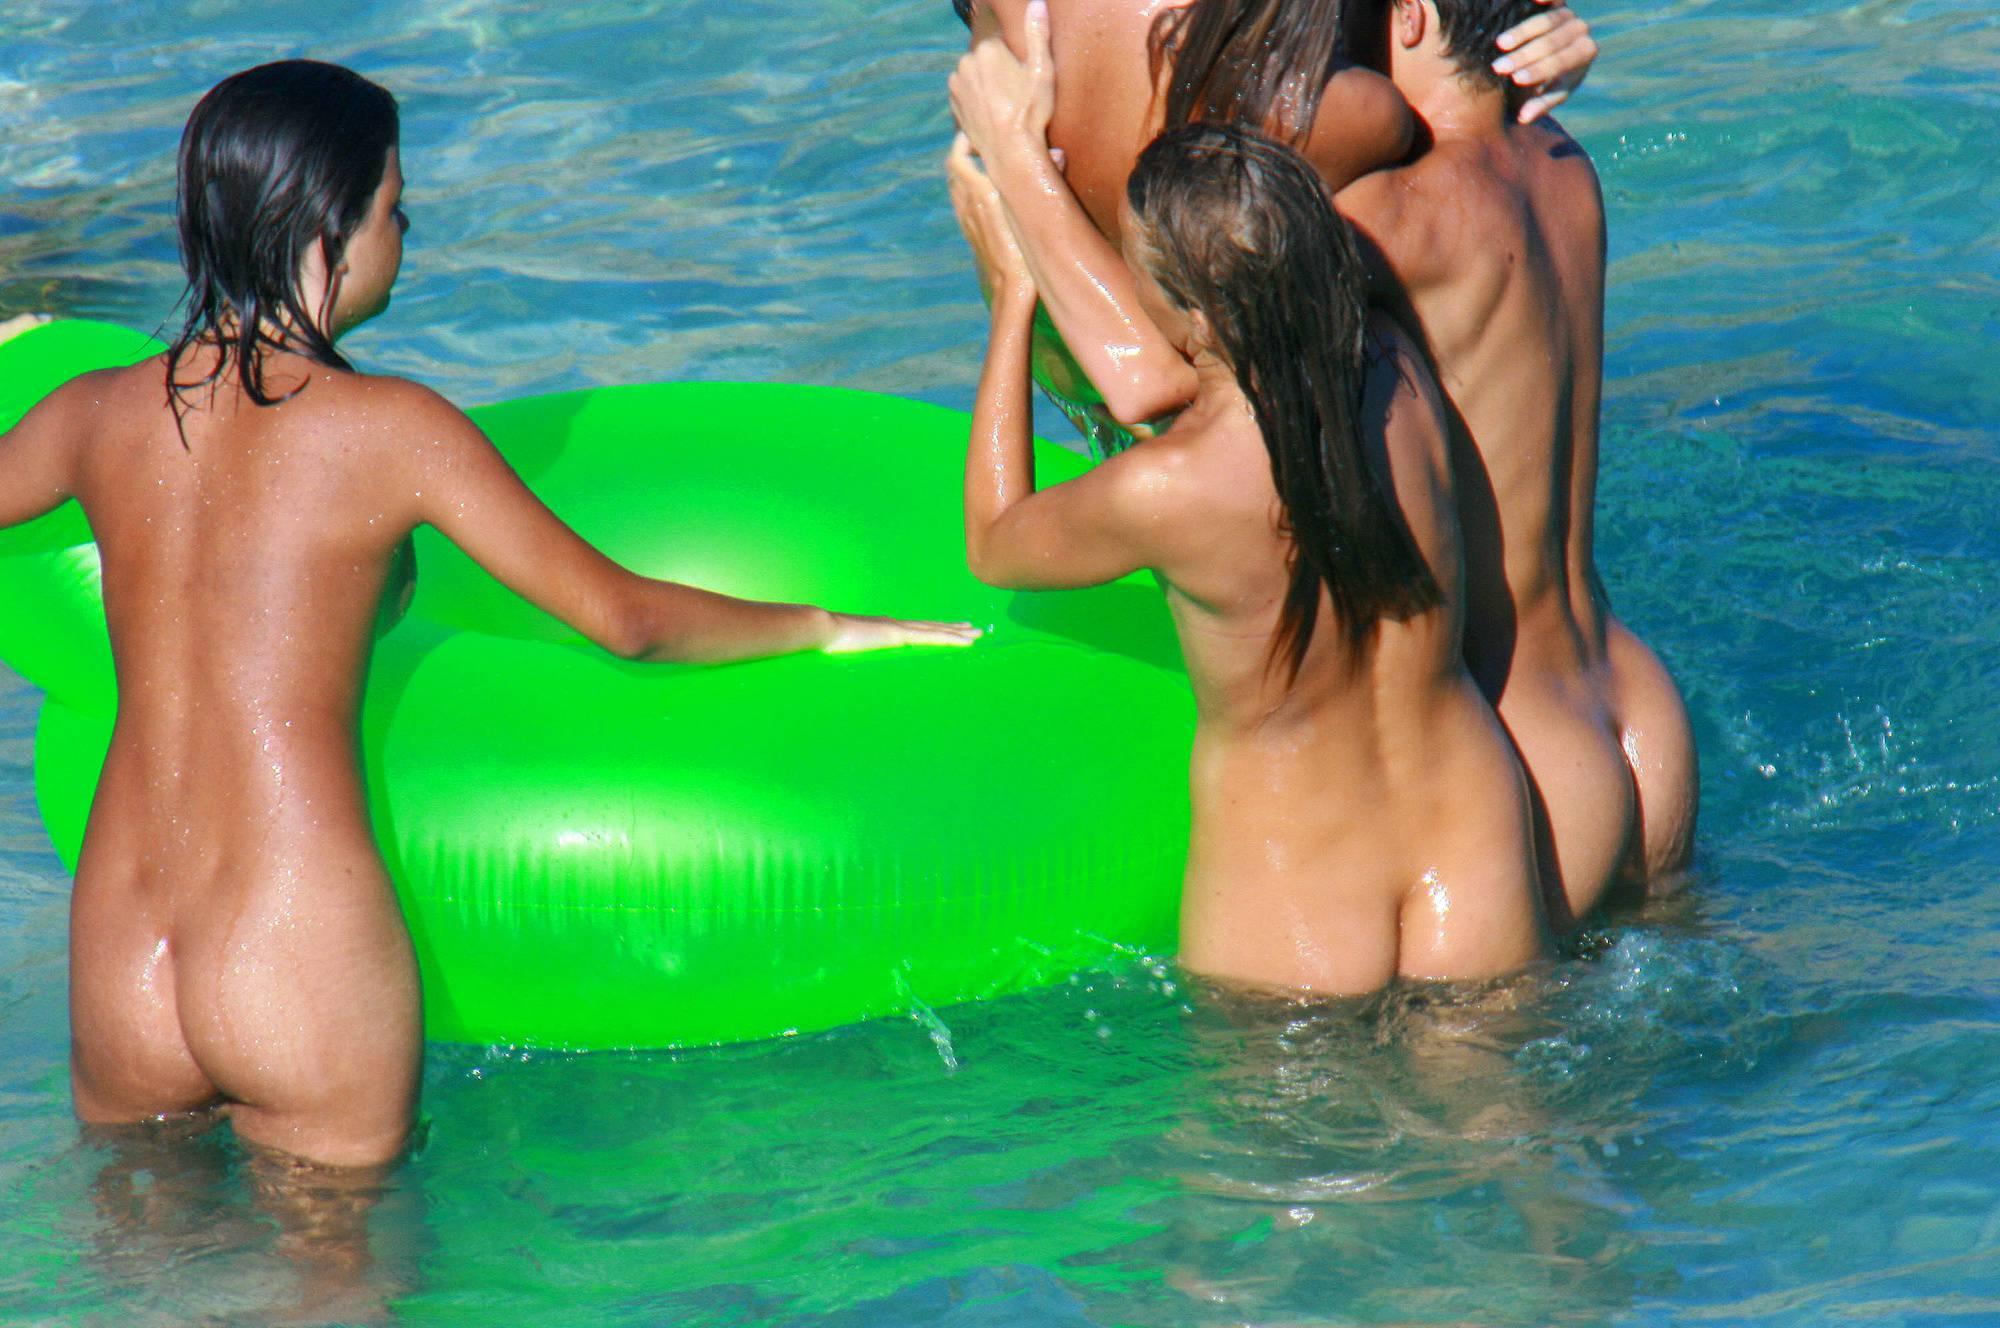 Nudist Photos Uka FKK Water Floater Fun - 2